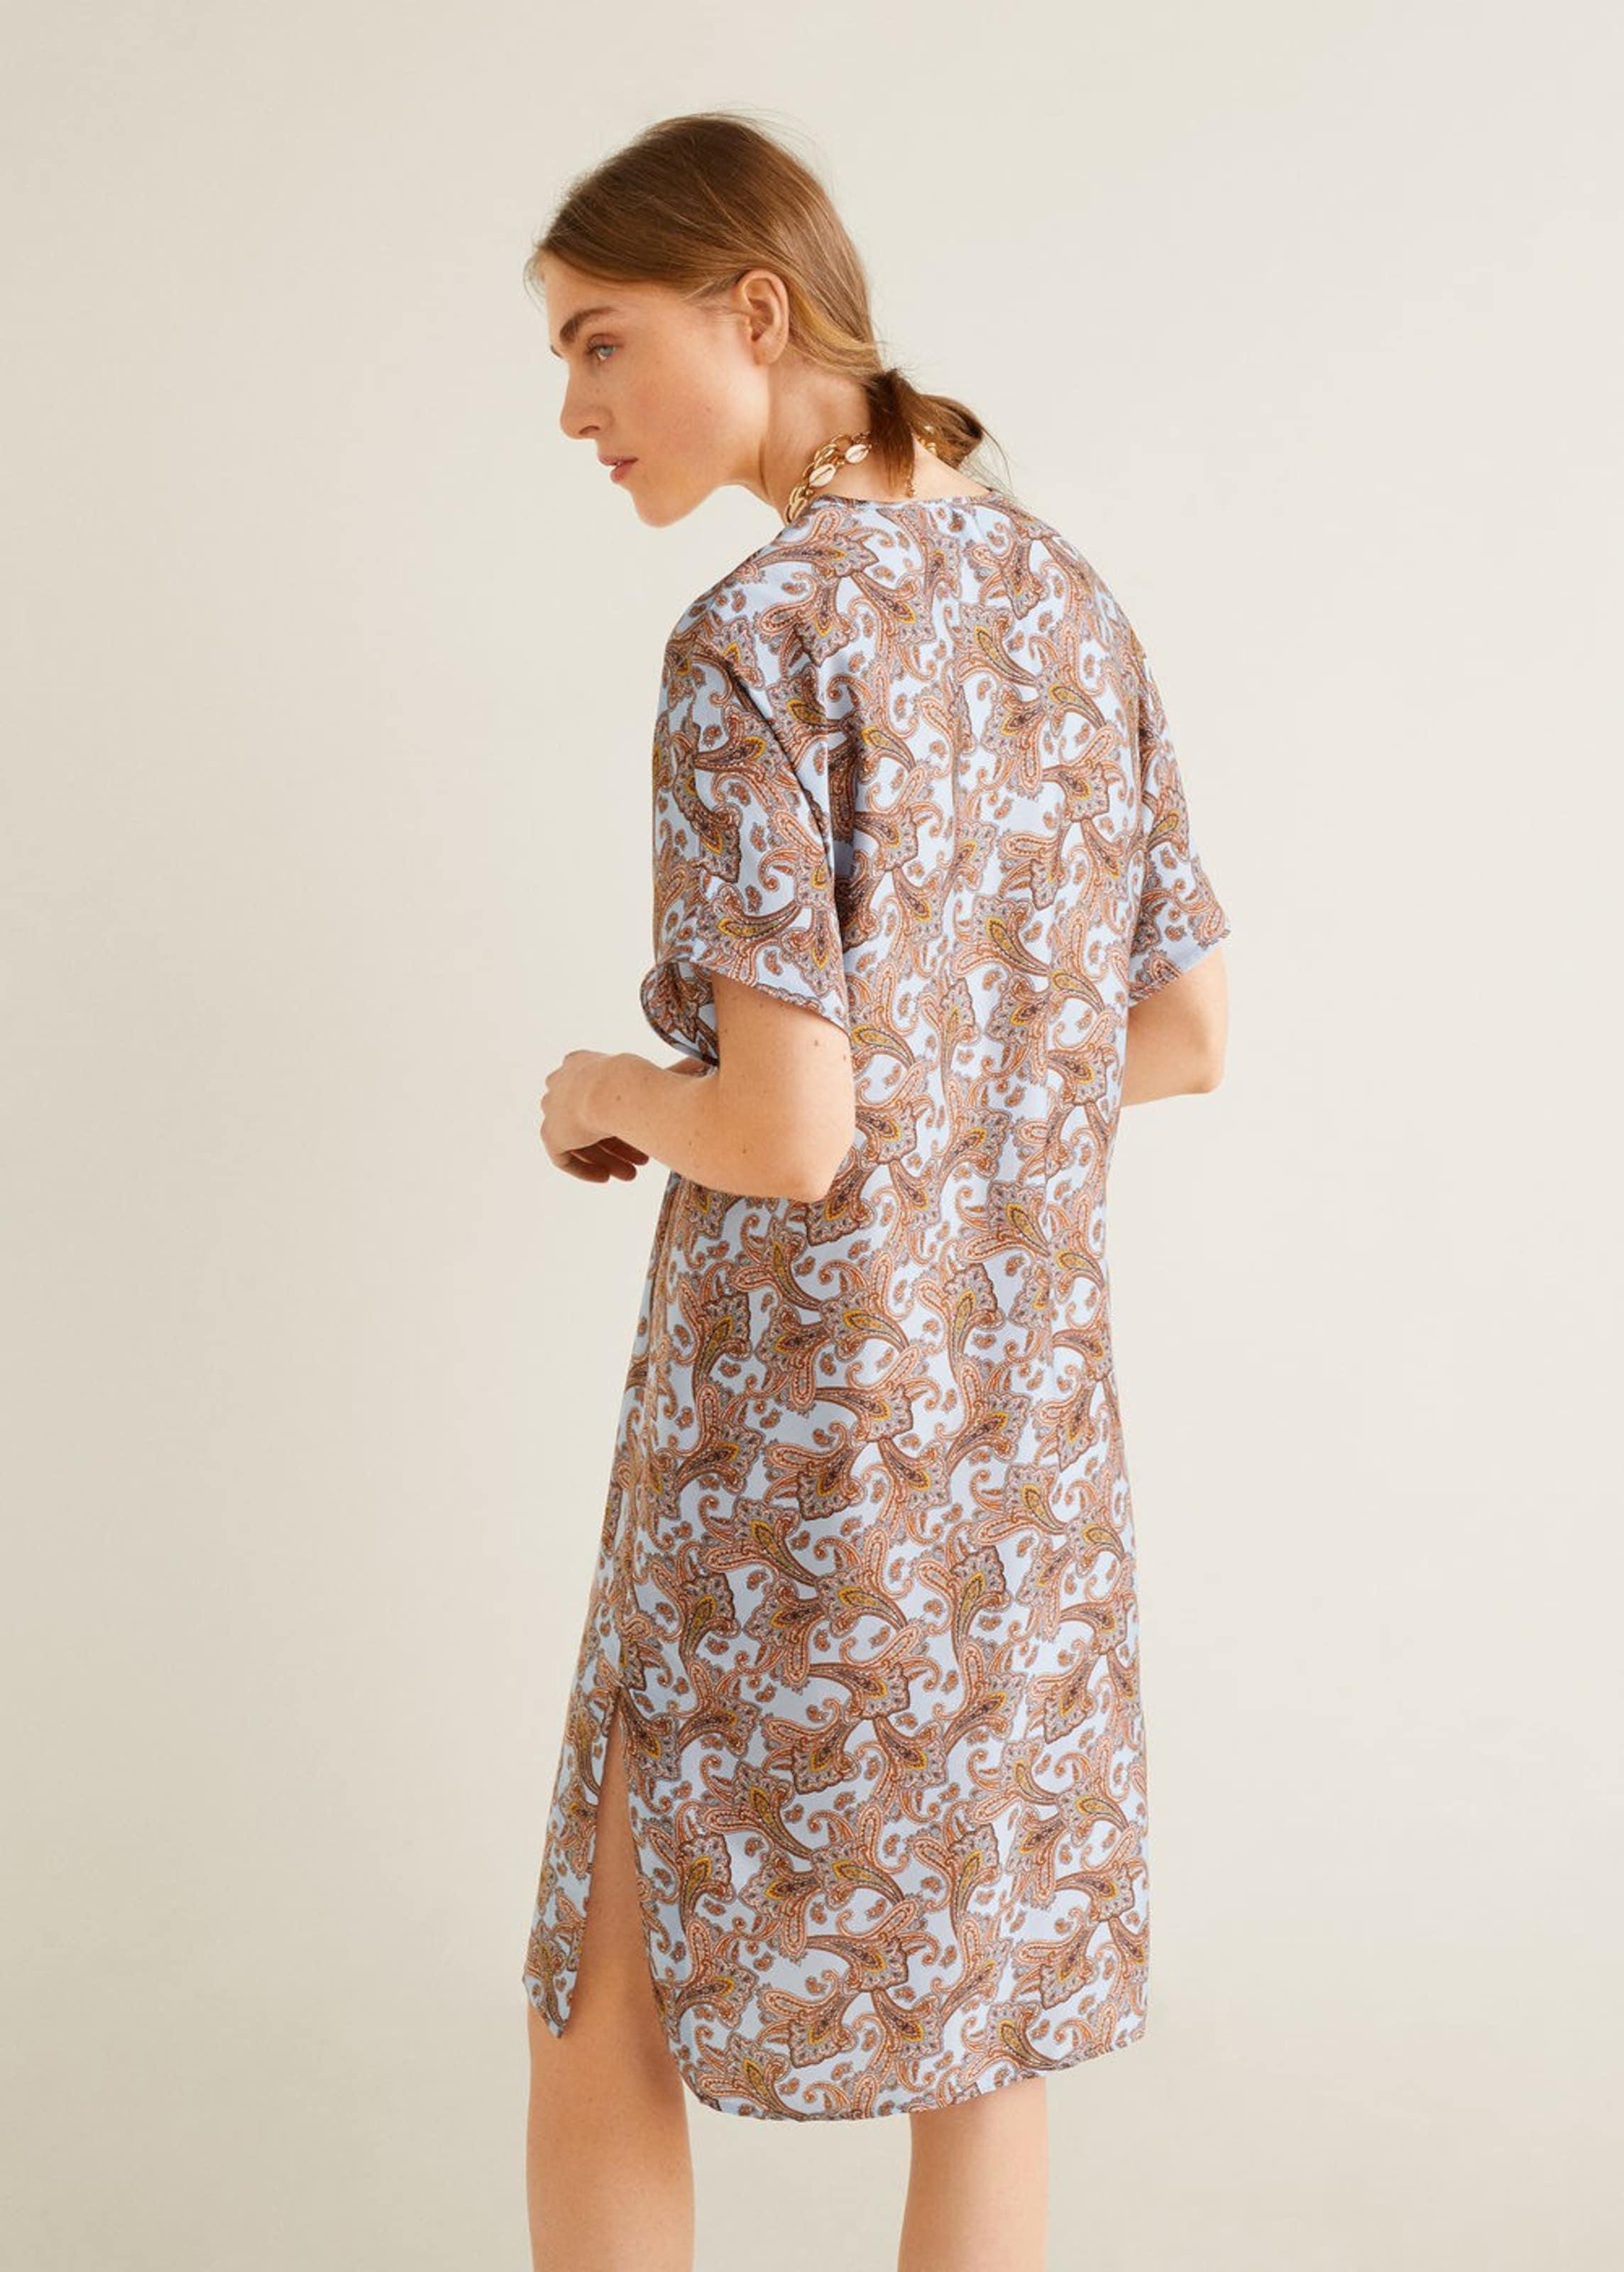 Kleid Mango Kleid Pastellblauhellbraun Pastellblauhellbraun In Mango